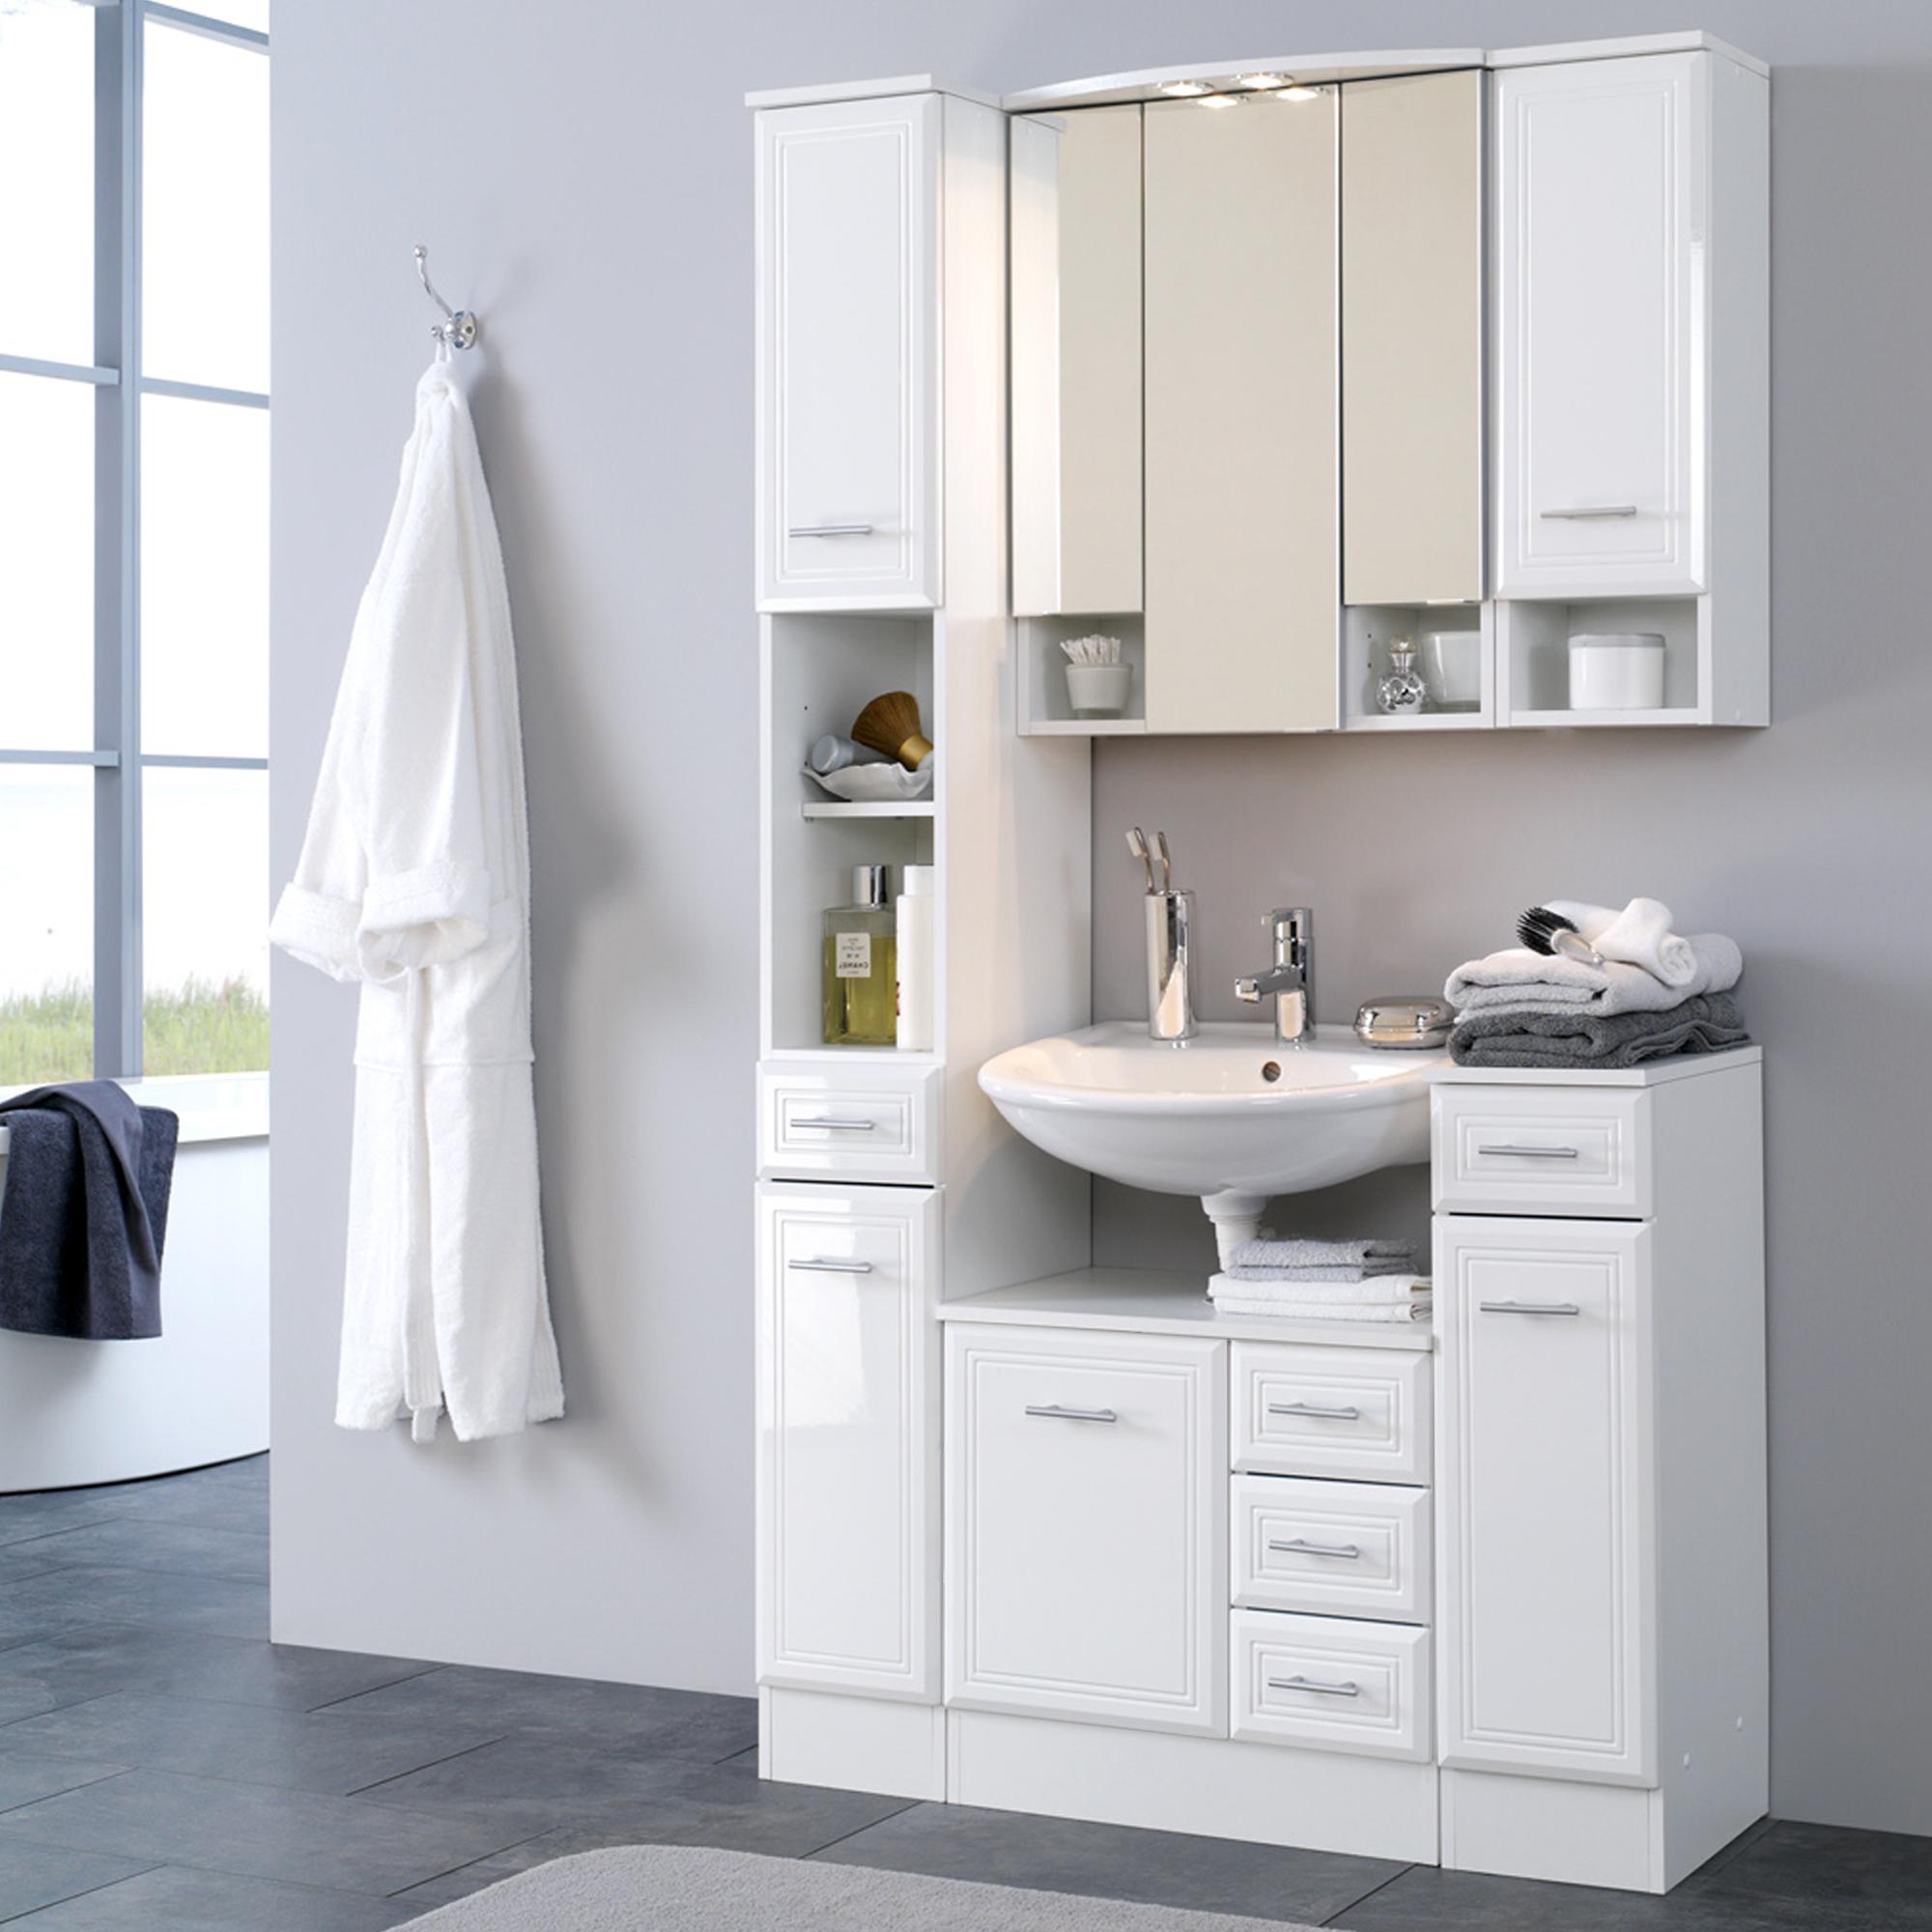 bad waschbeckenunterschrank neapel 1 t rig 3 schubladen 60 cm breit hochglanz wei bad. Black Bedroom Furniture Sets. Home Design Ideas